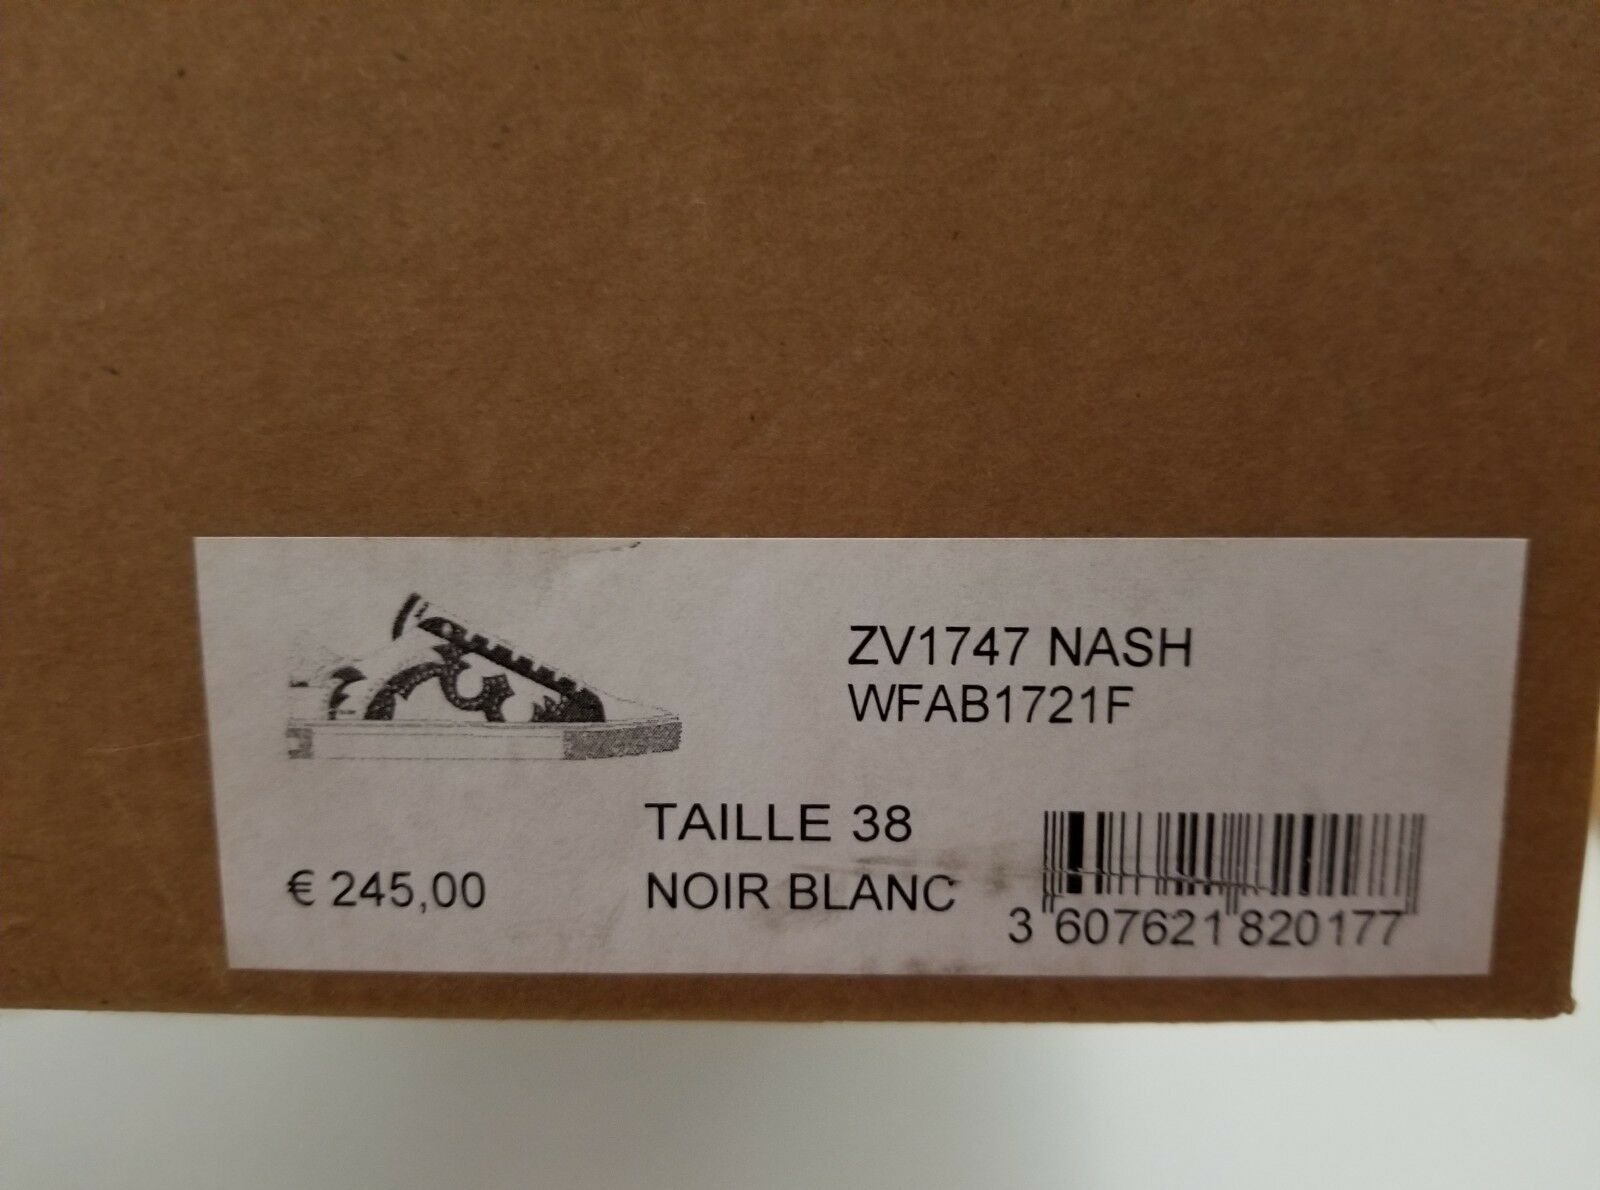 Nuevo En Caja Zadig Zadig Zadig & Voltaire ZV1747 Nash Zapatillas Negro Y blancooo Talla 36, 38, 39  328 643f91